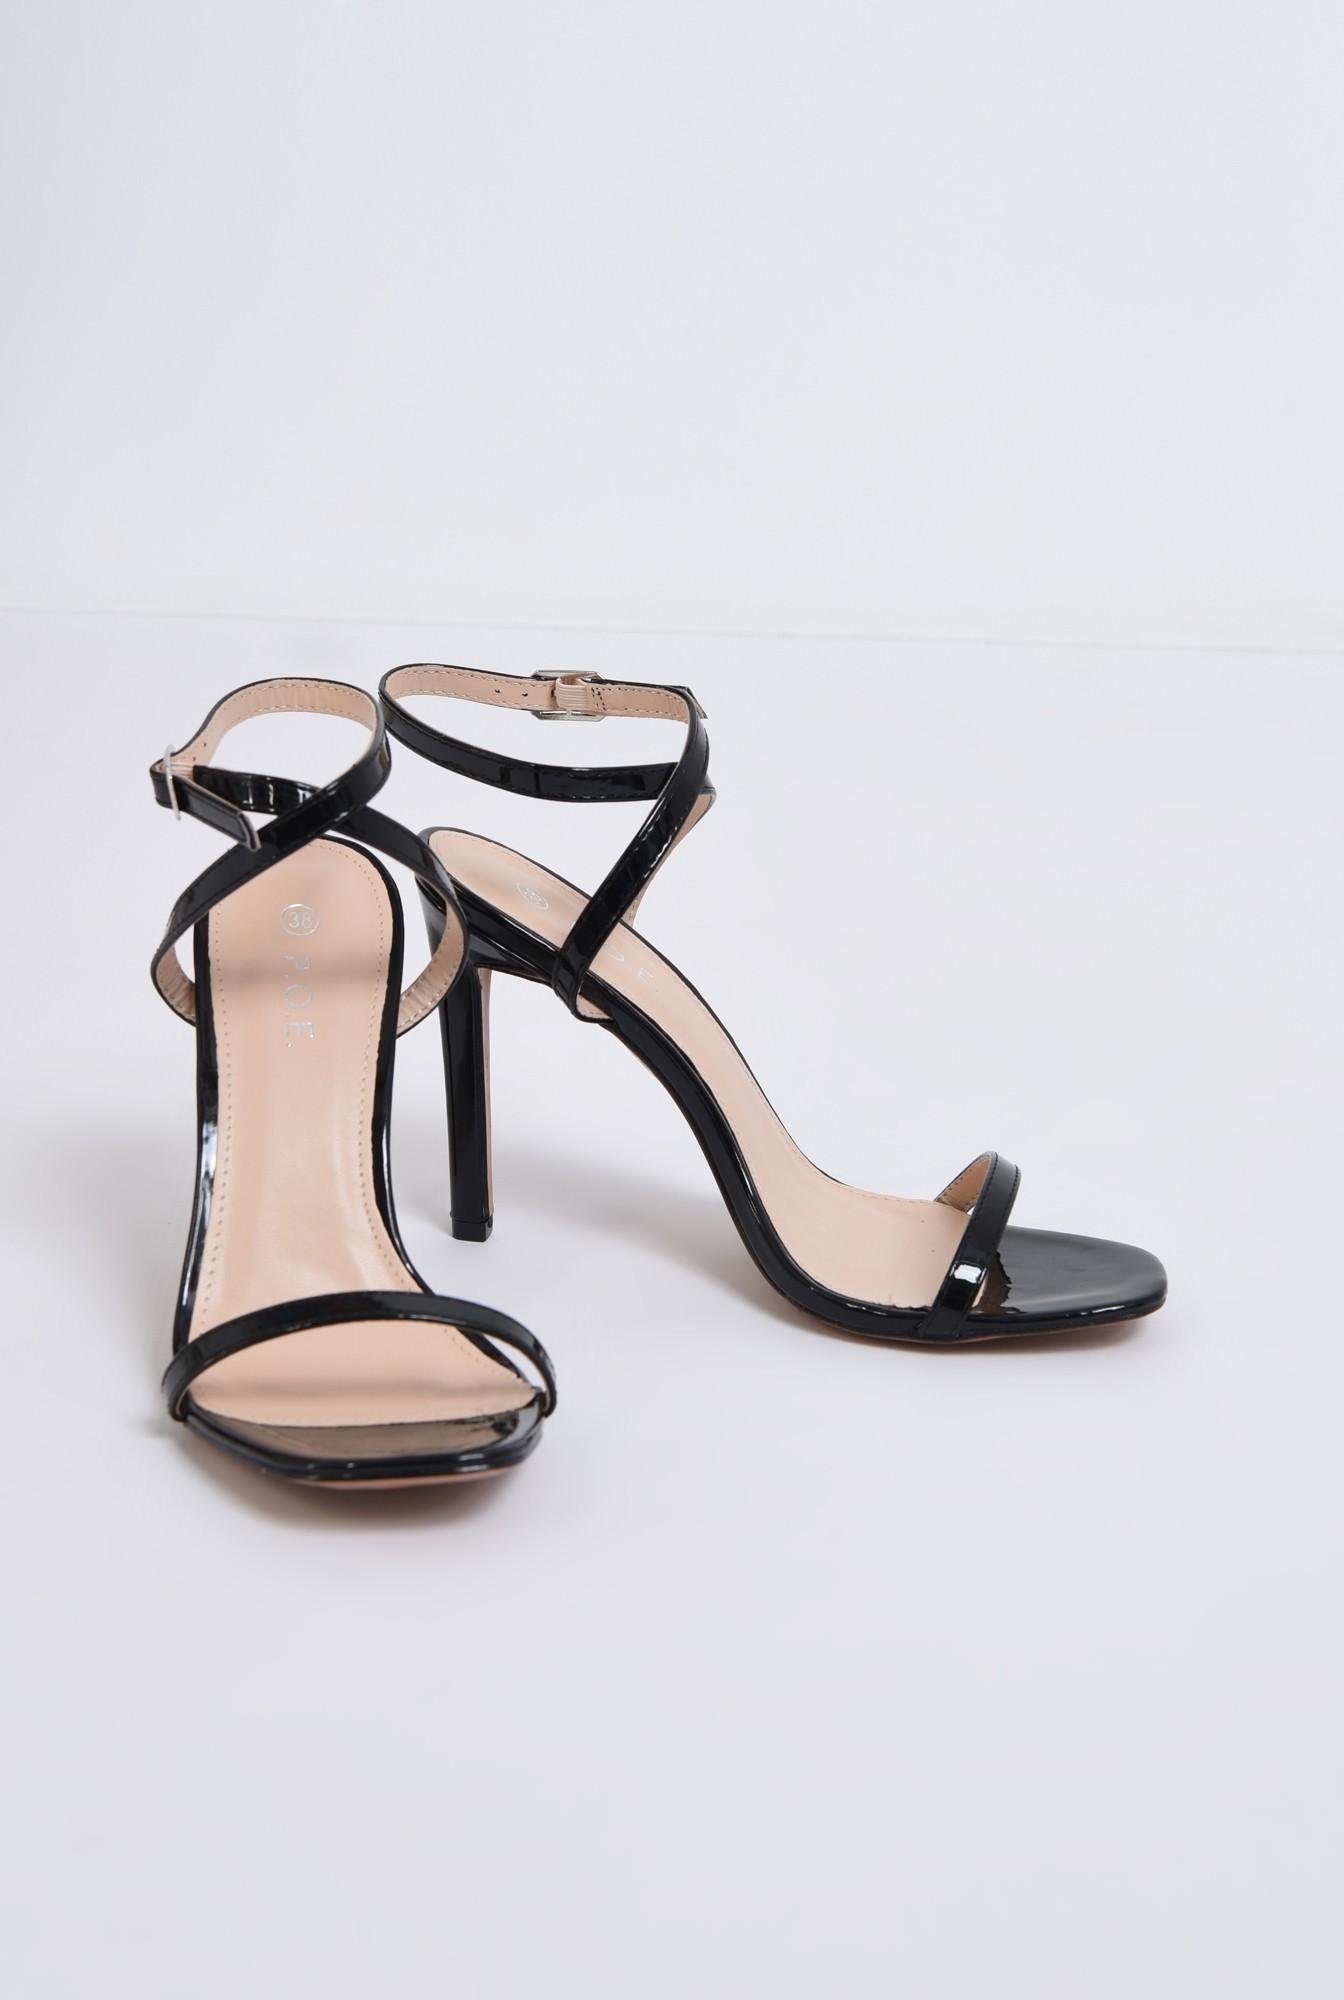 3 - sandale elegante, din lac, negre, toc cui